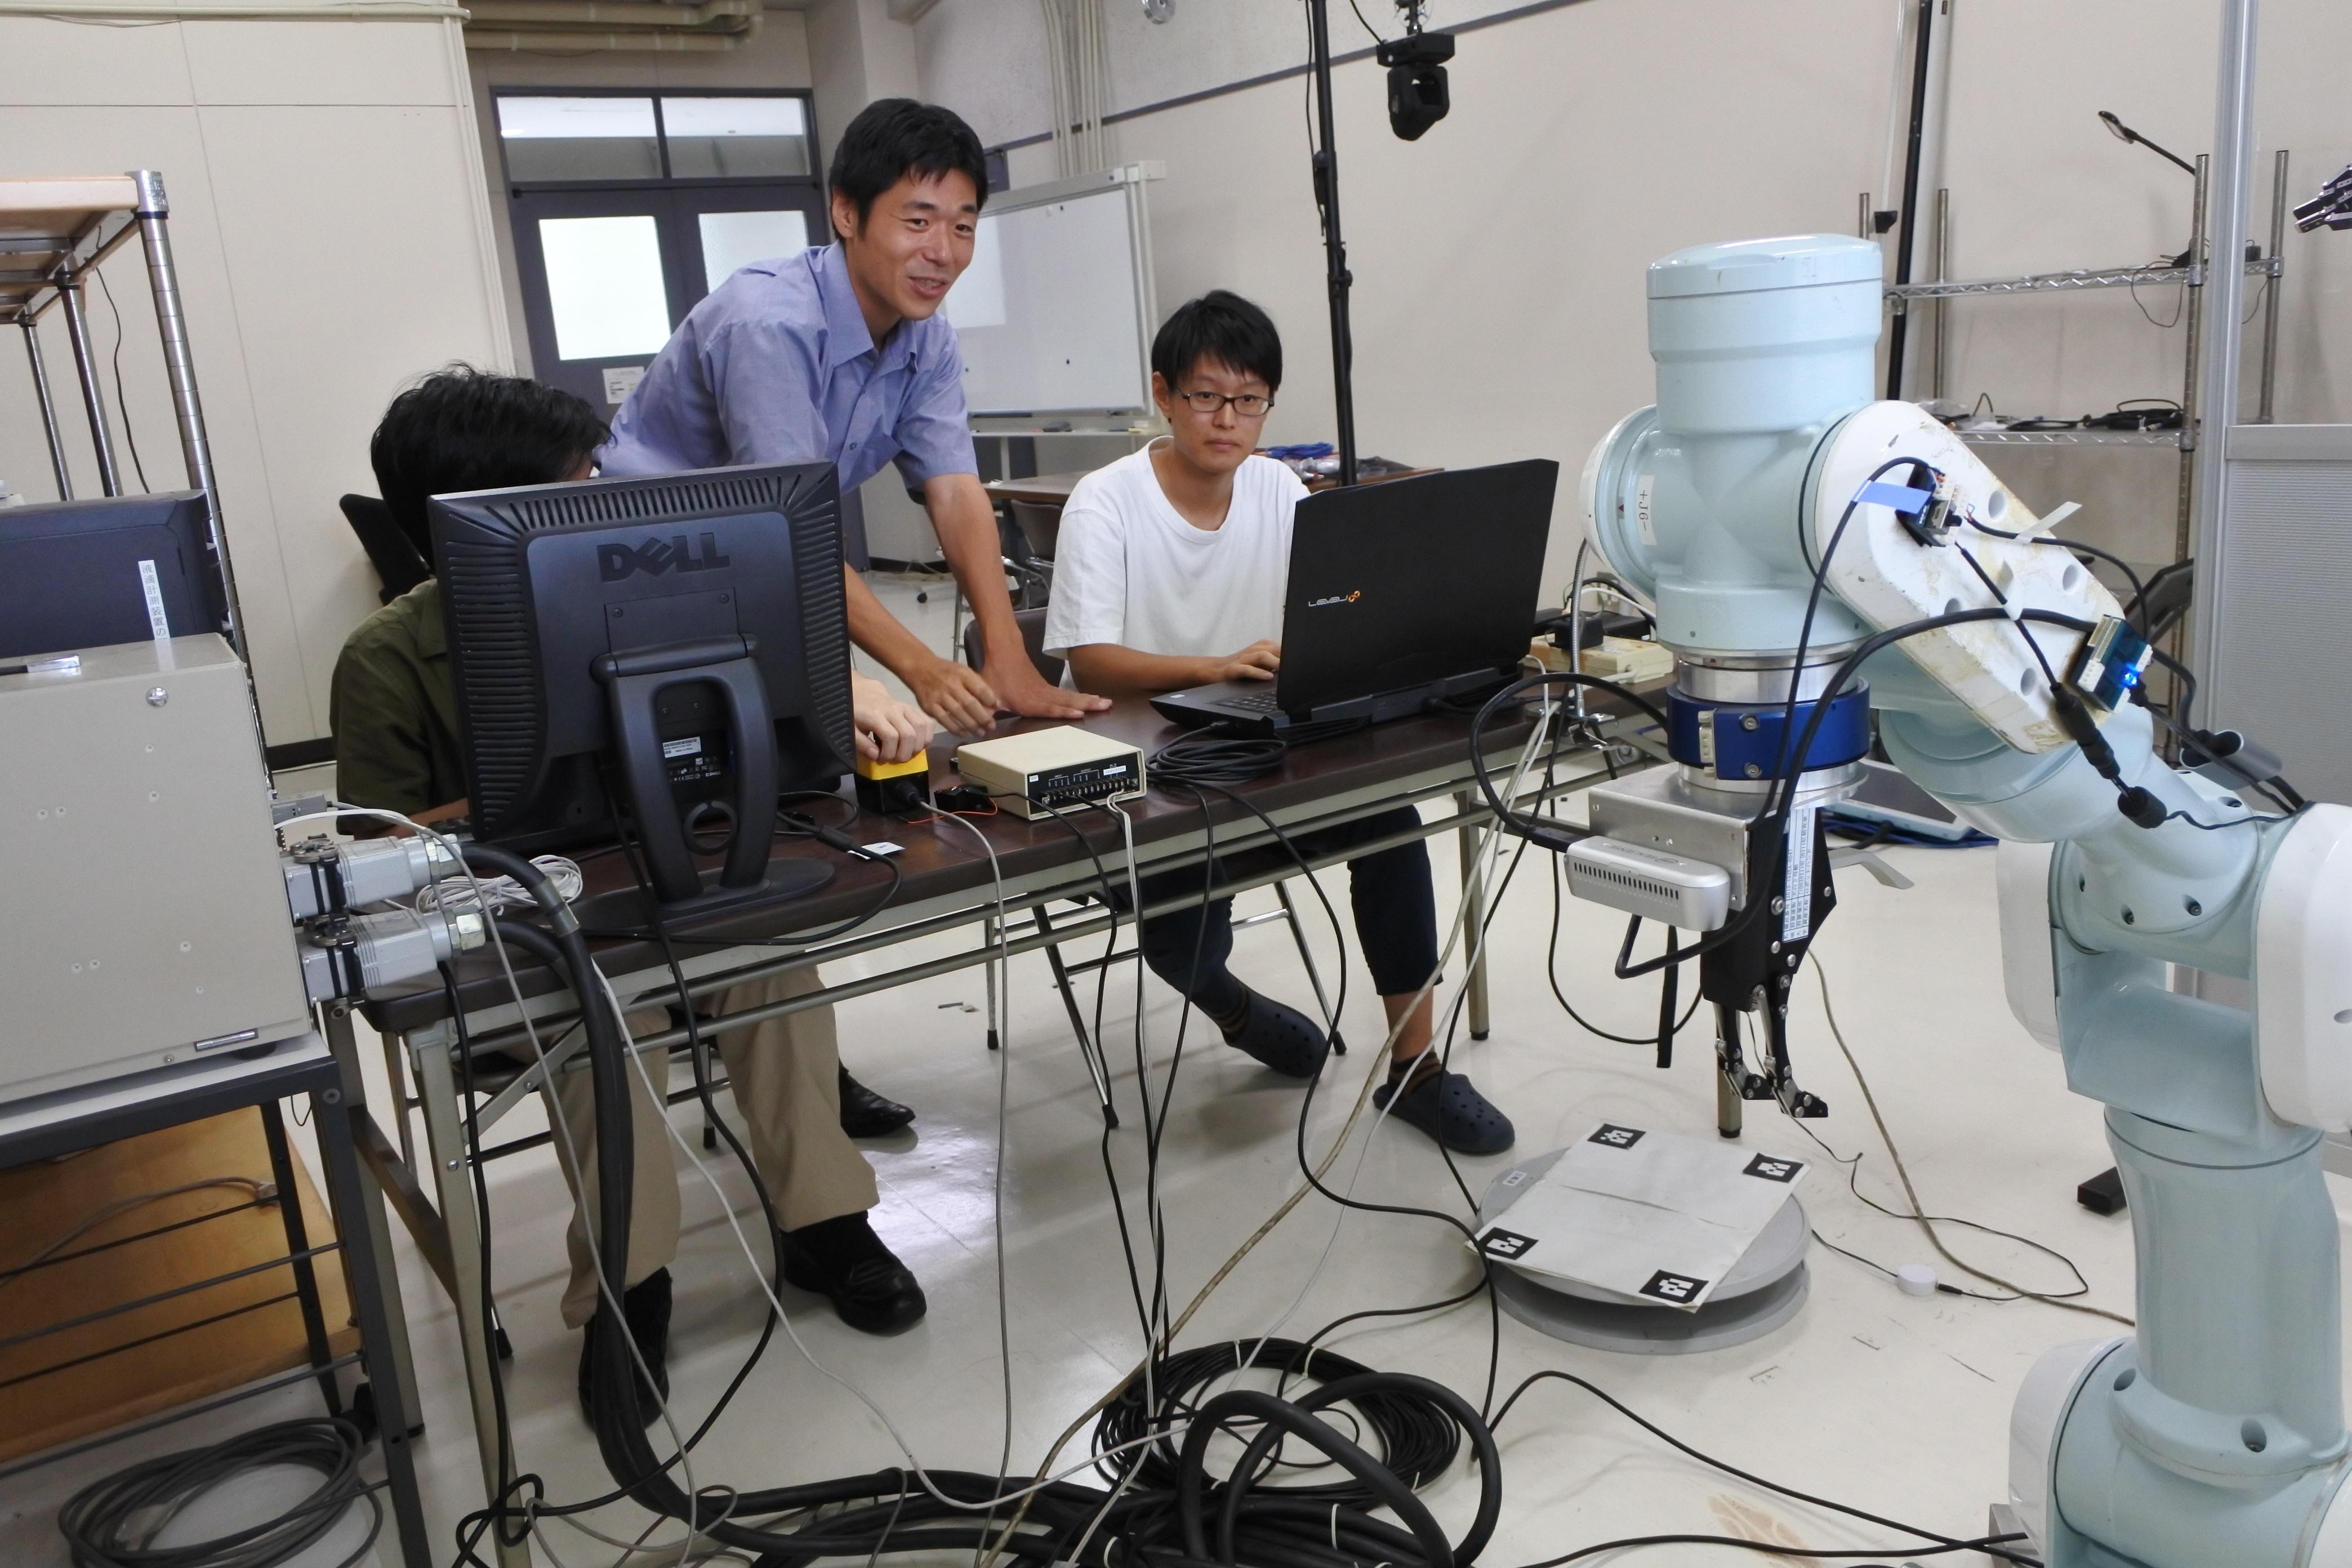 学生のロボットアーム操作を見守る